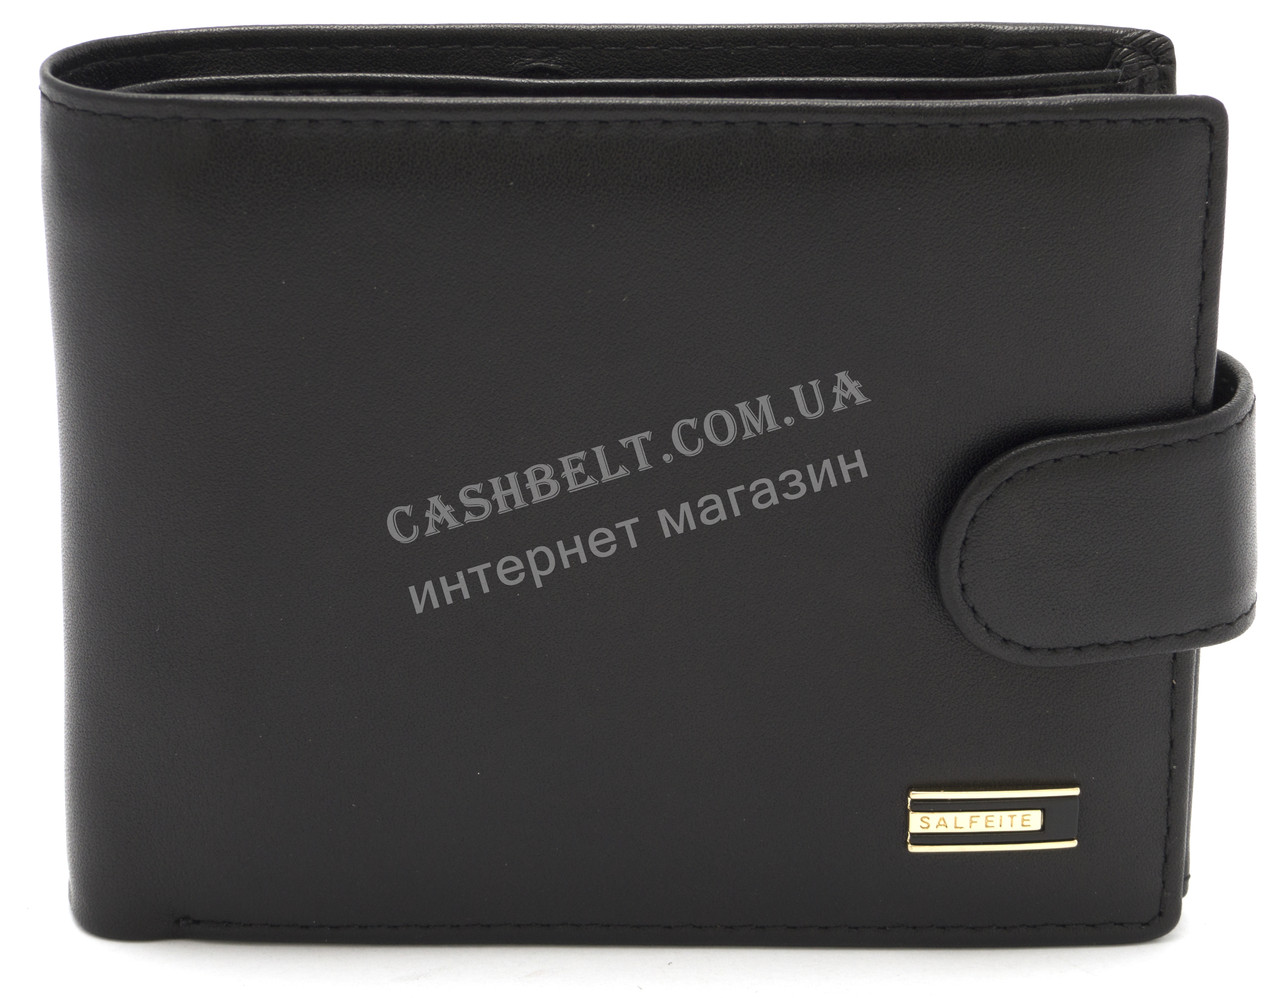 Стильный практичный кожаный мужской кошелек портмоне SALFEITE art. 8233N-BLK черного цвета